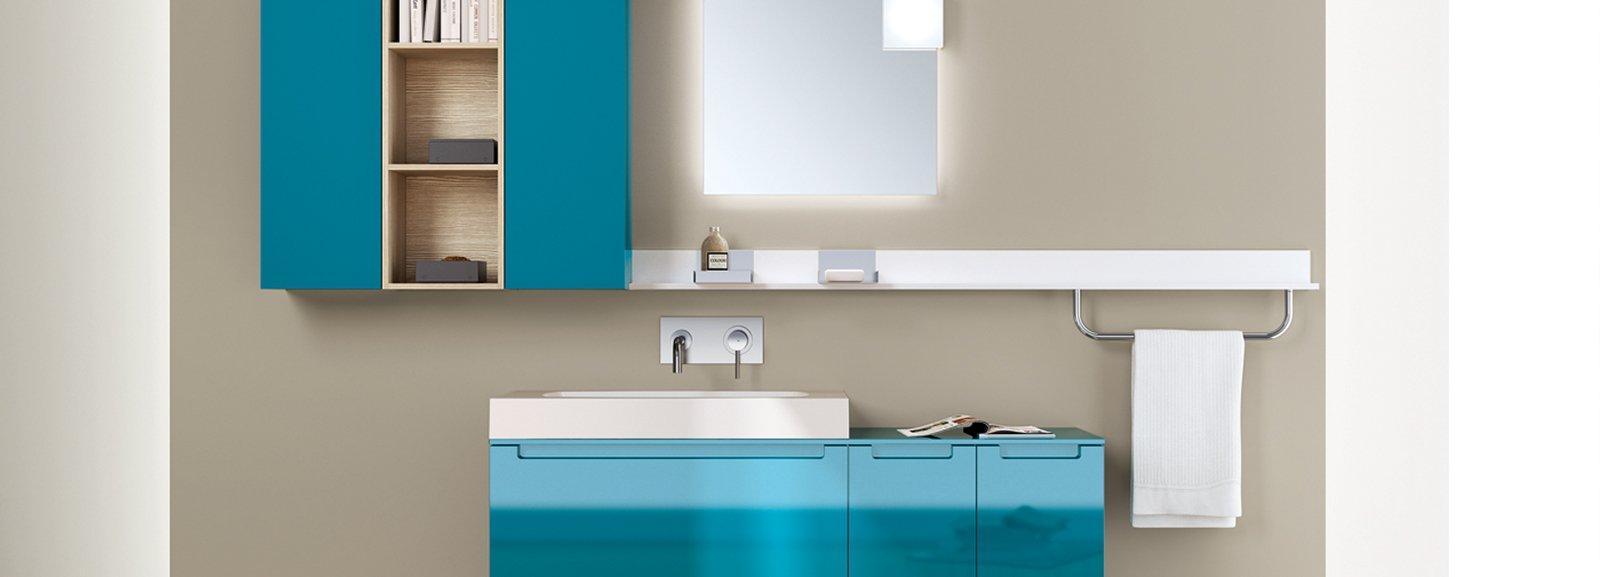 Lavabo mobile cose di casa - Sanitari bagno ikea ...